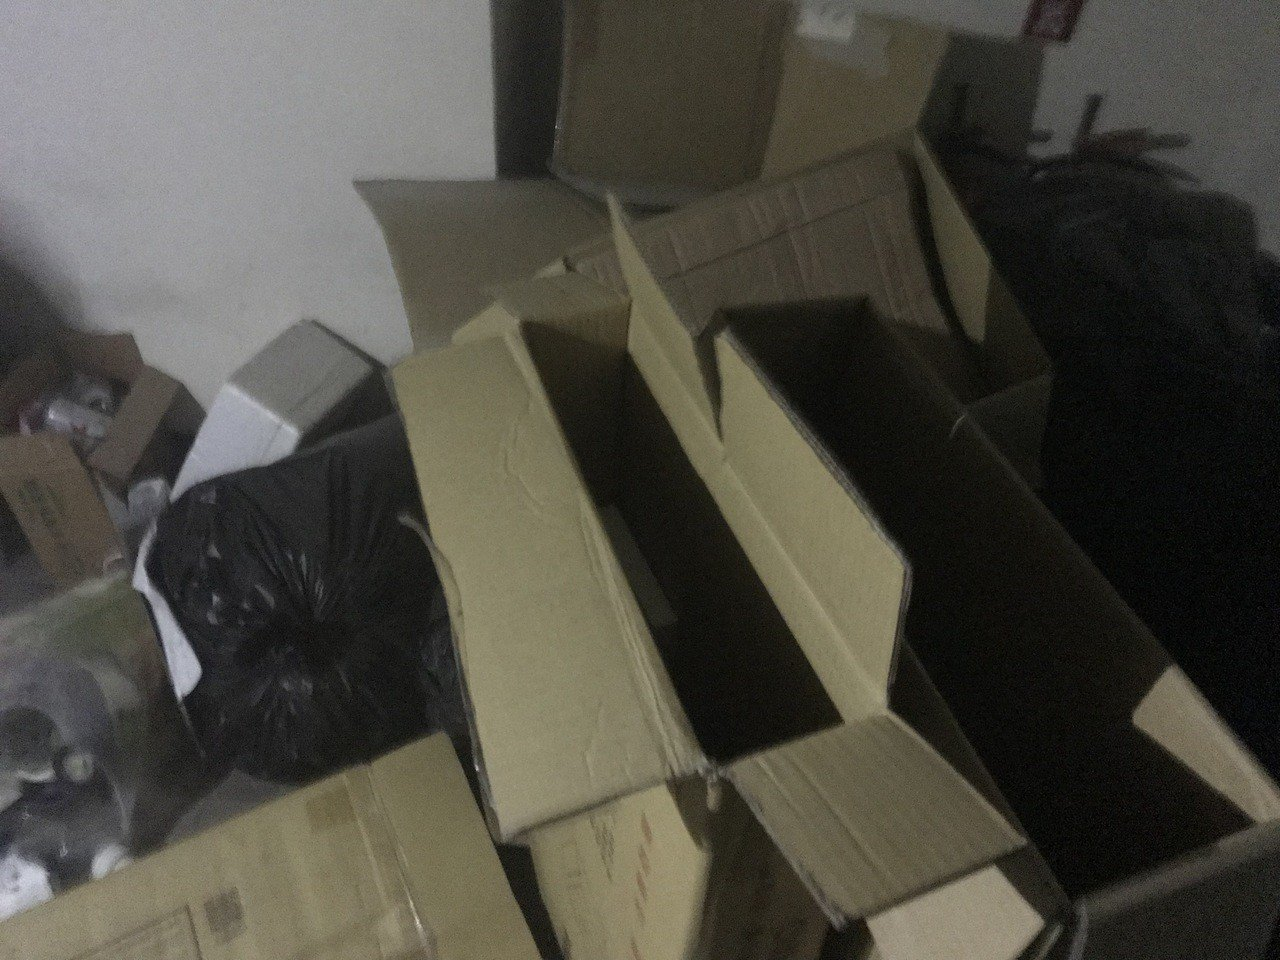 二樓逃生梯堆滿雜物,民眾驚逃時「從垃圾堆爬出來,差點要被濃煙嗆死」。記者劉星君/...